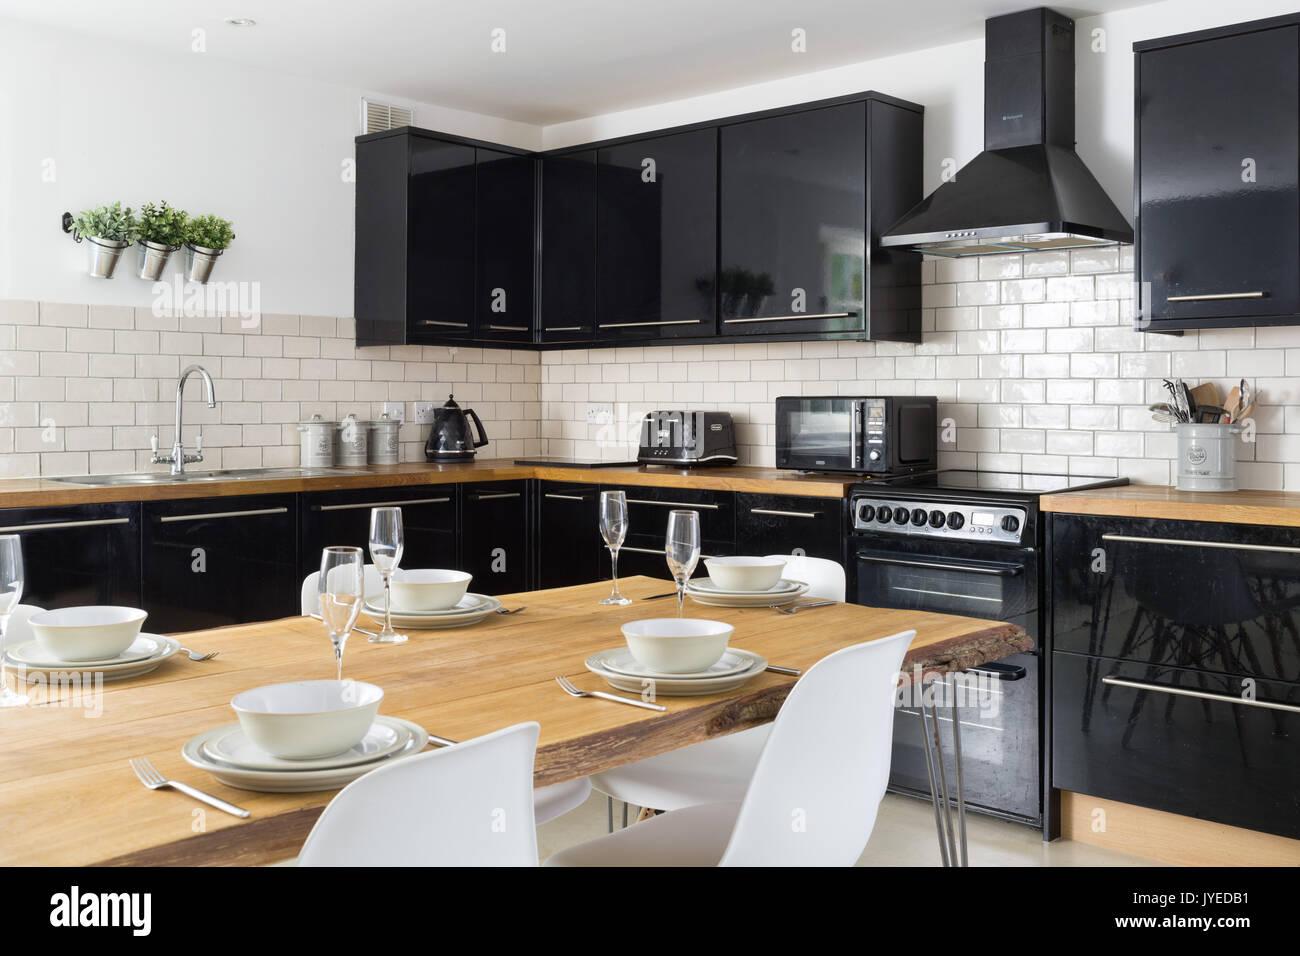 Uma Moderna Cozinha Com Arm Rios Preto Brilhante Bancadas De